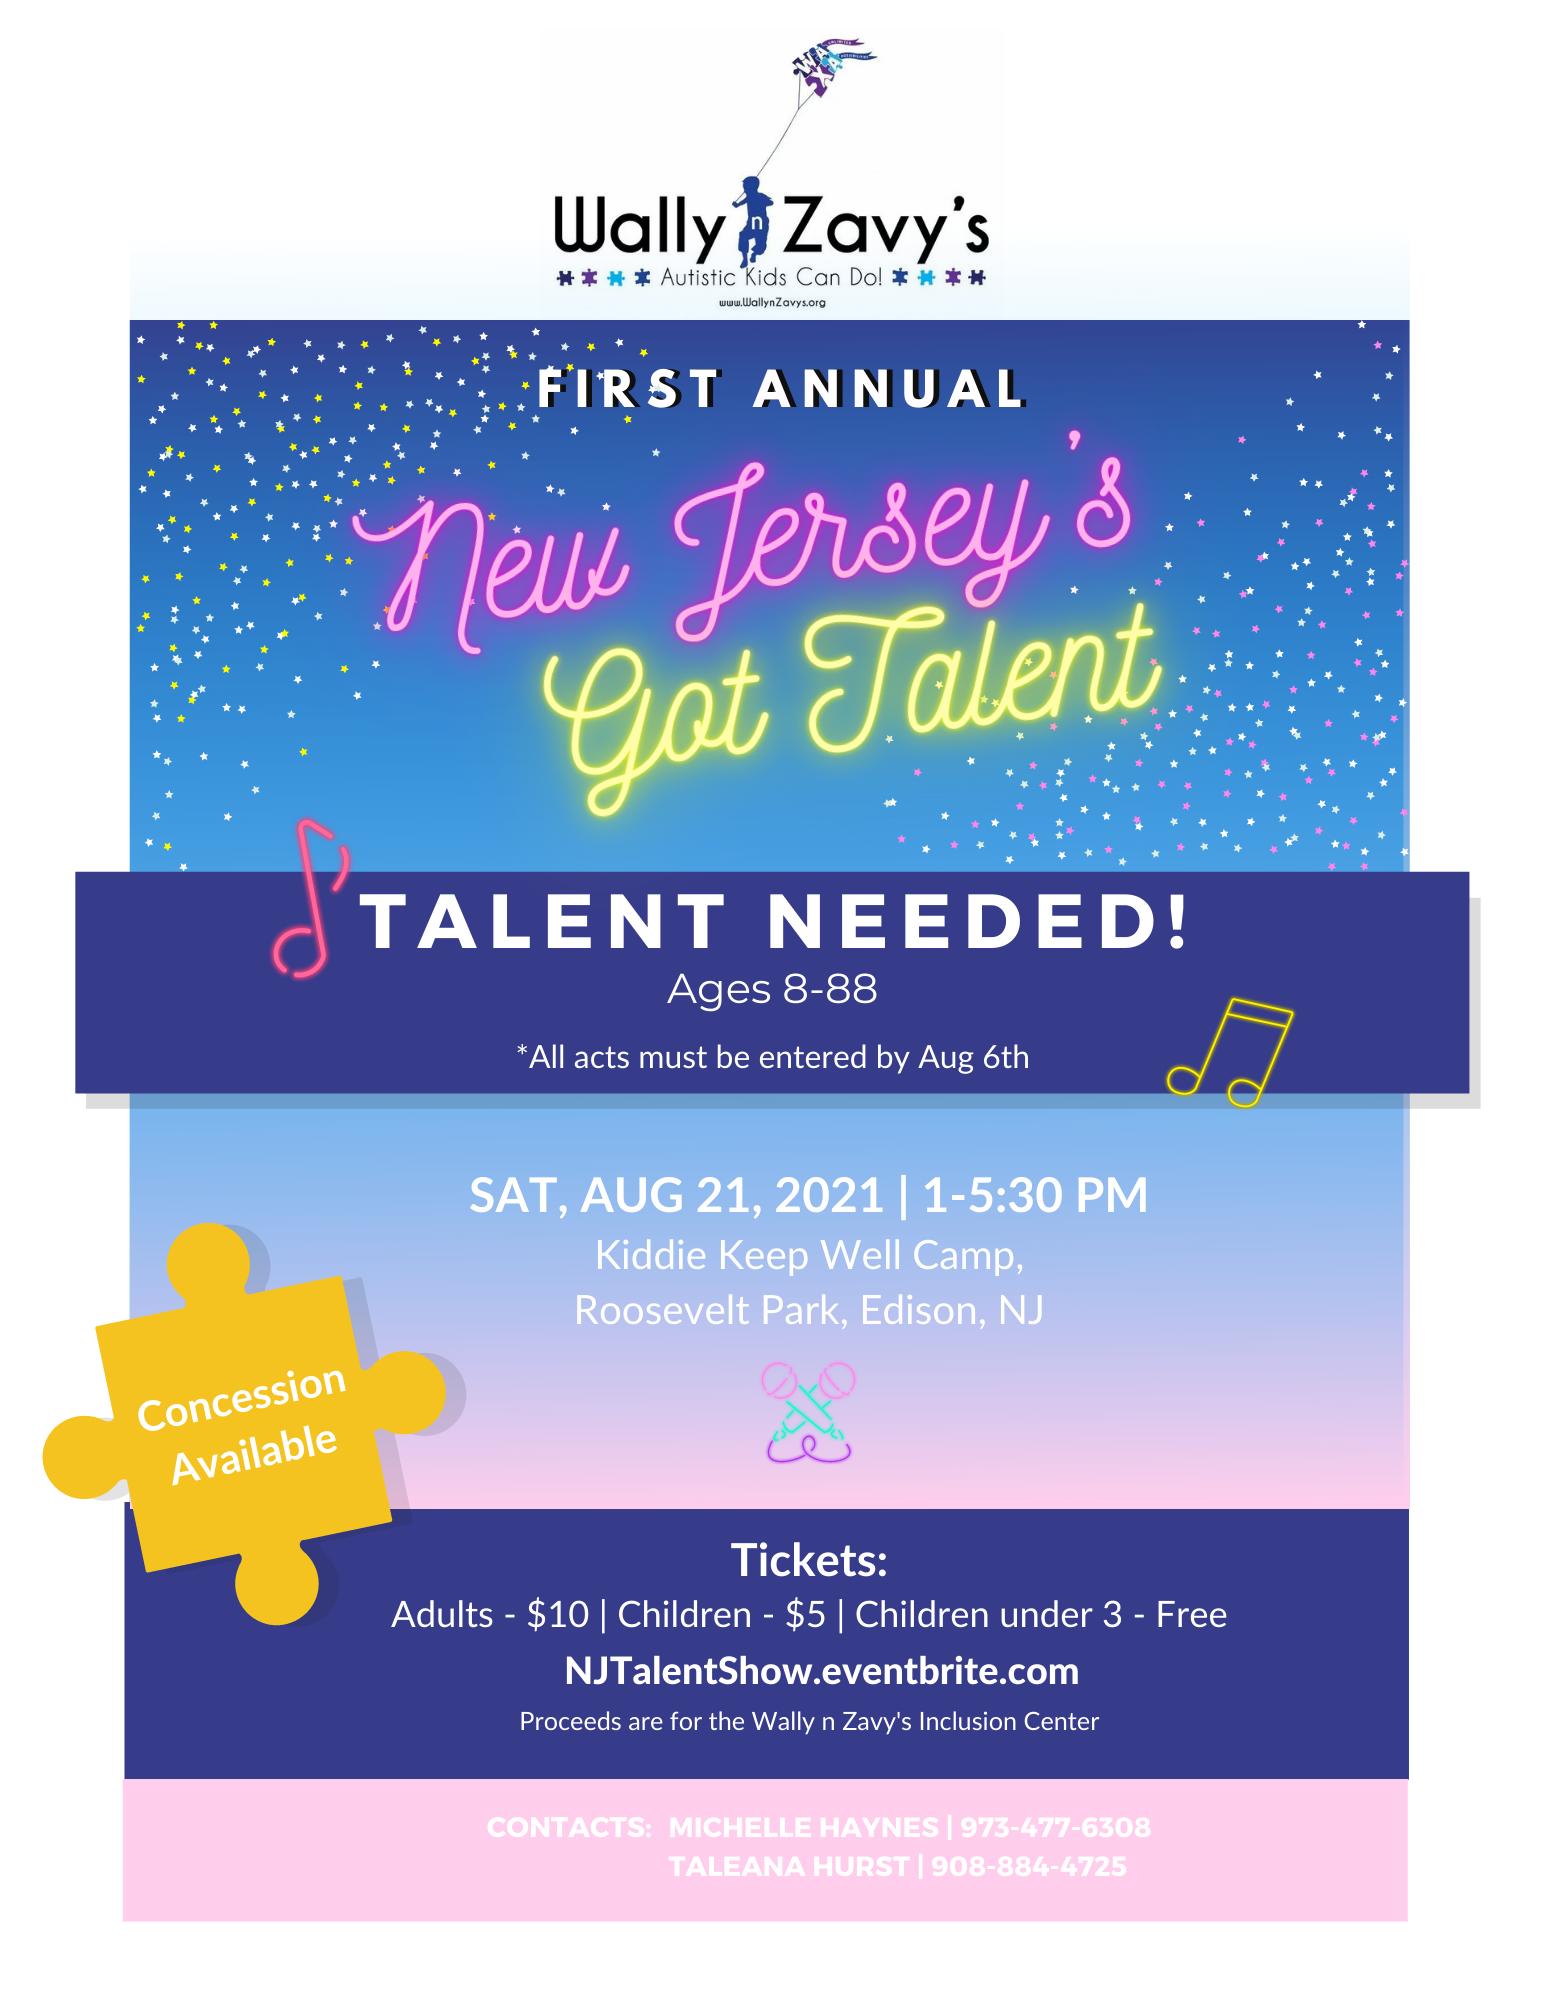 New Jersey's Got Talent